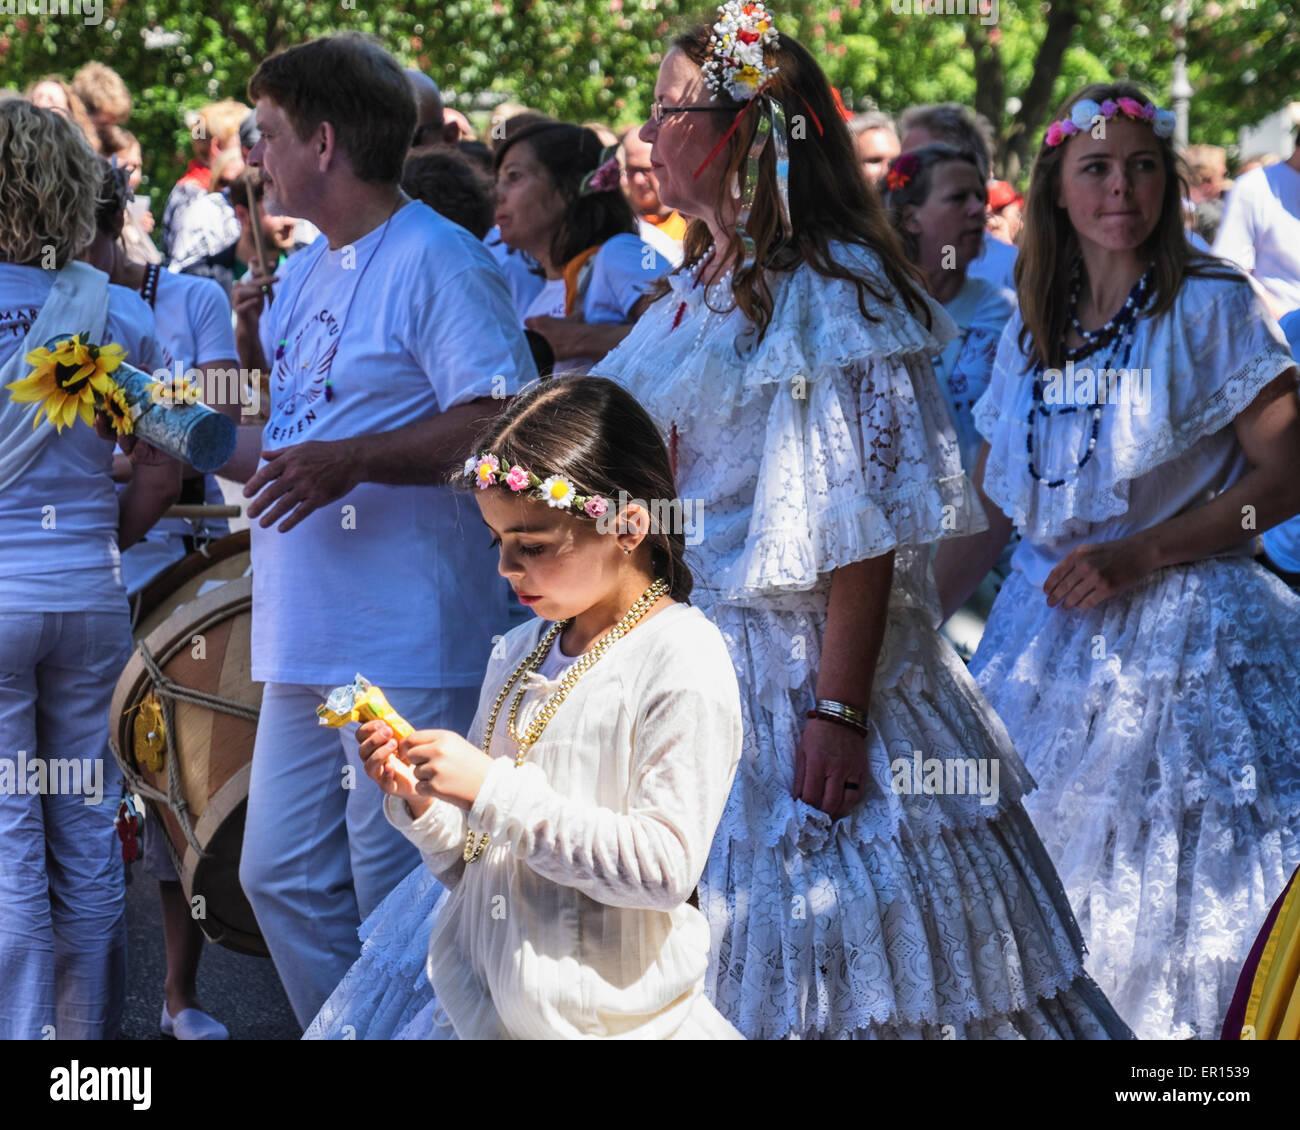 Kreuzberg, Berlin, Deutschland, 24. Mai 2015. Hübsches junges Mädchen Tänzerin im weißen Kleid Stockbild